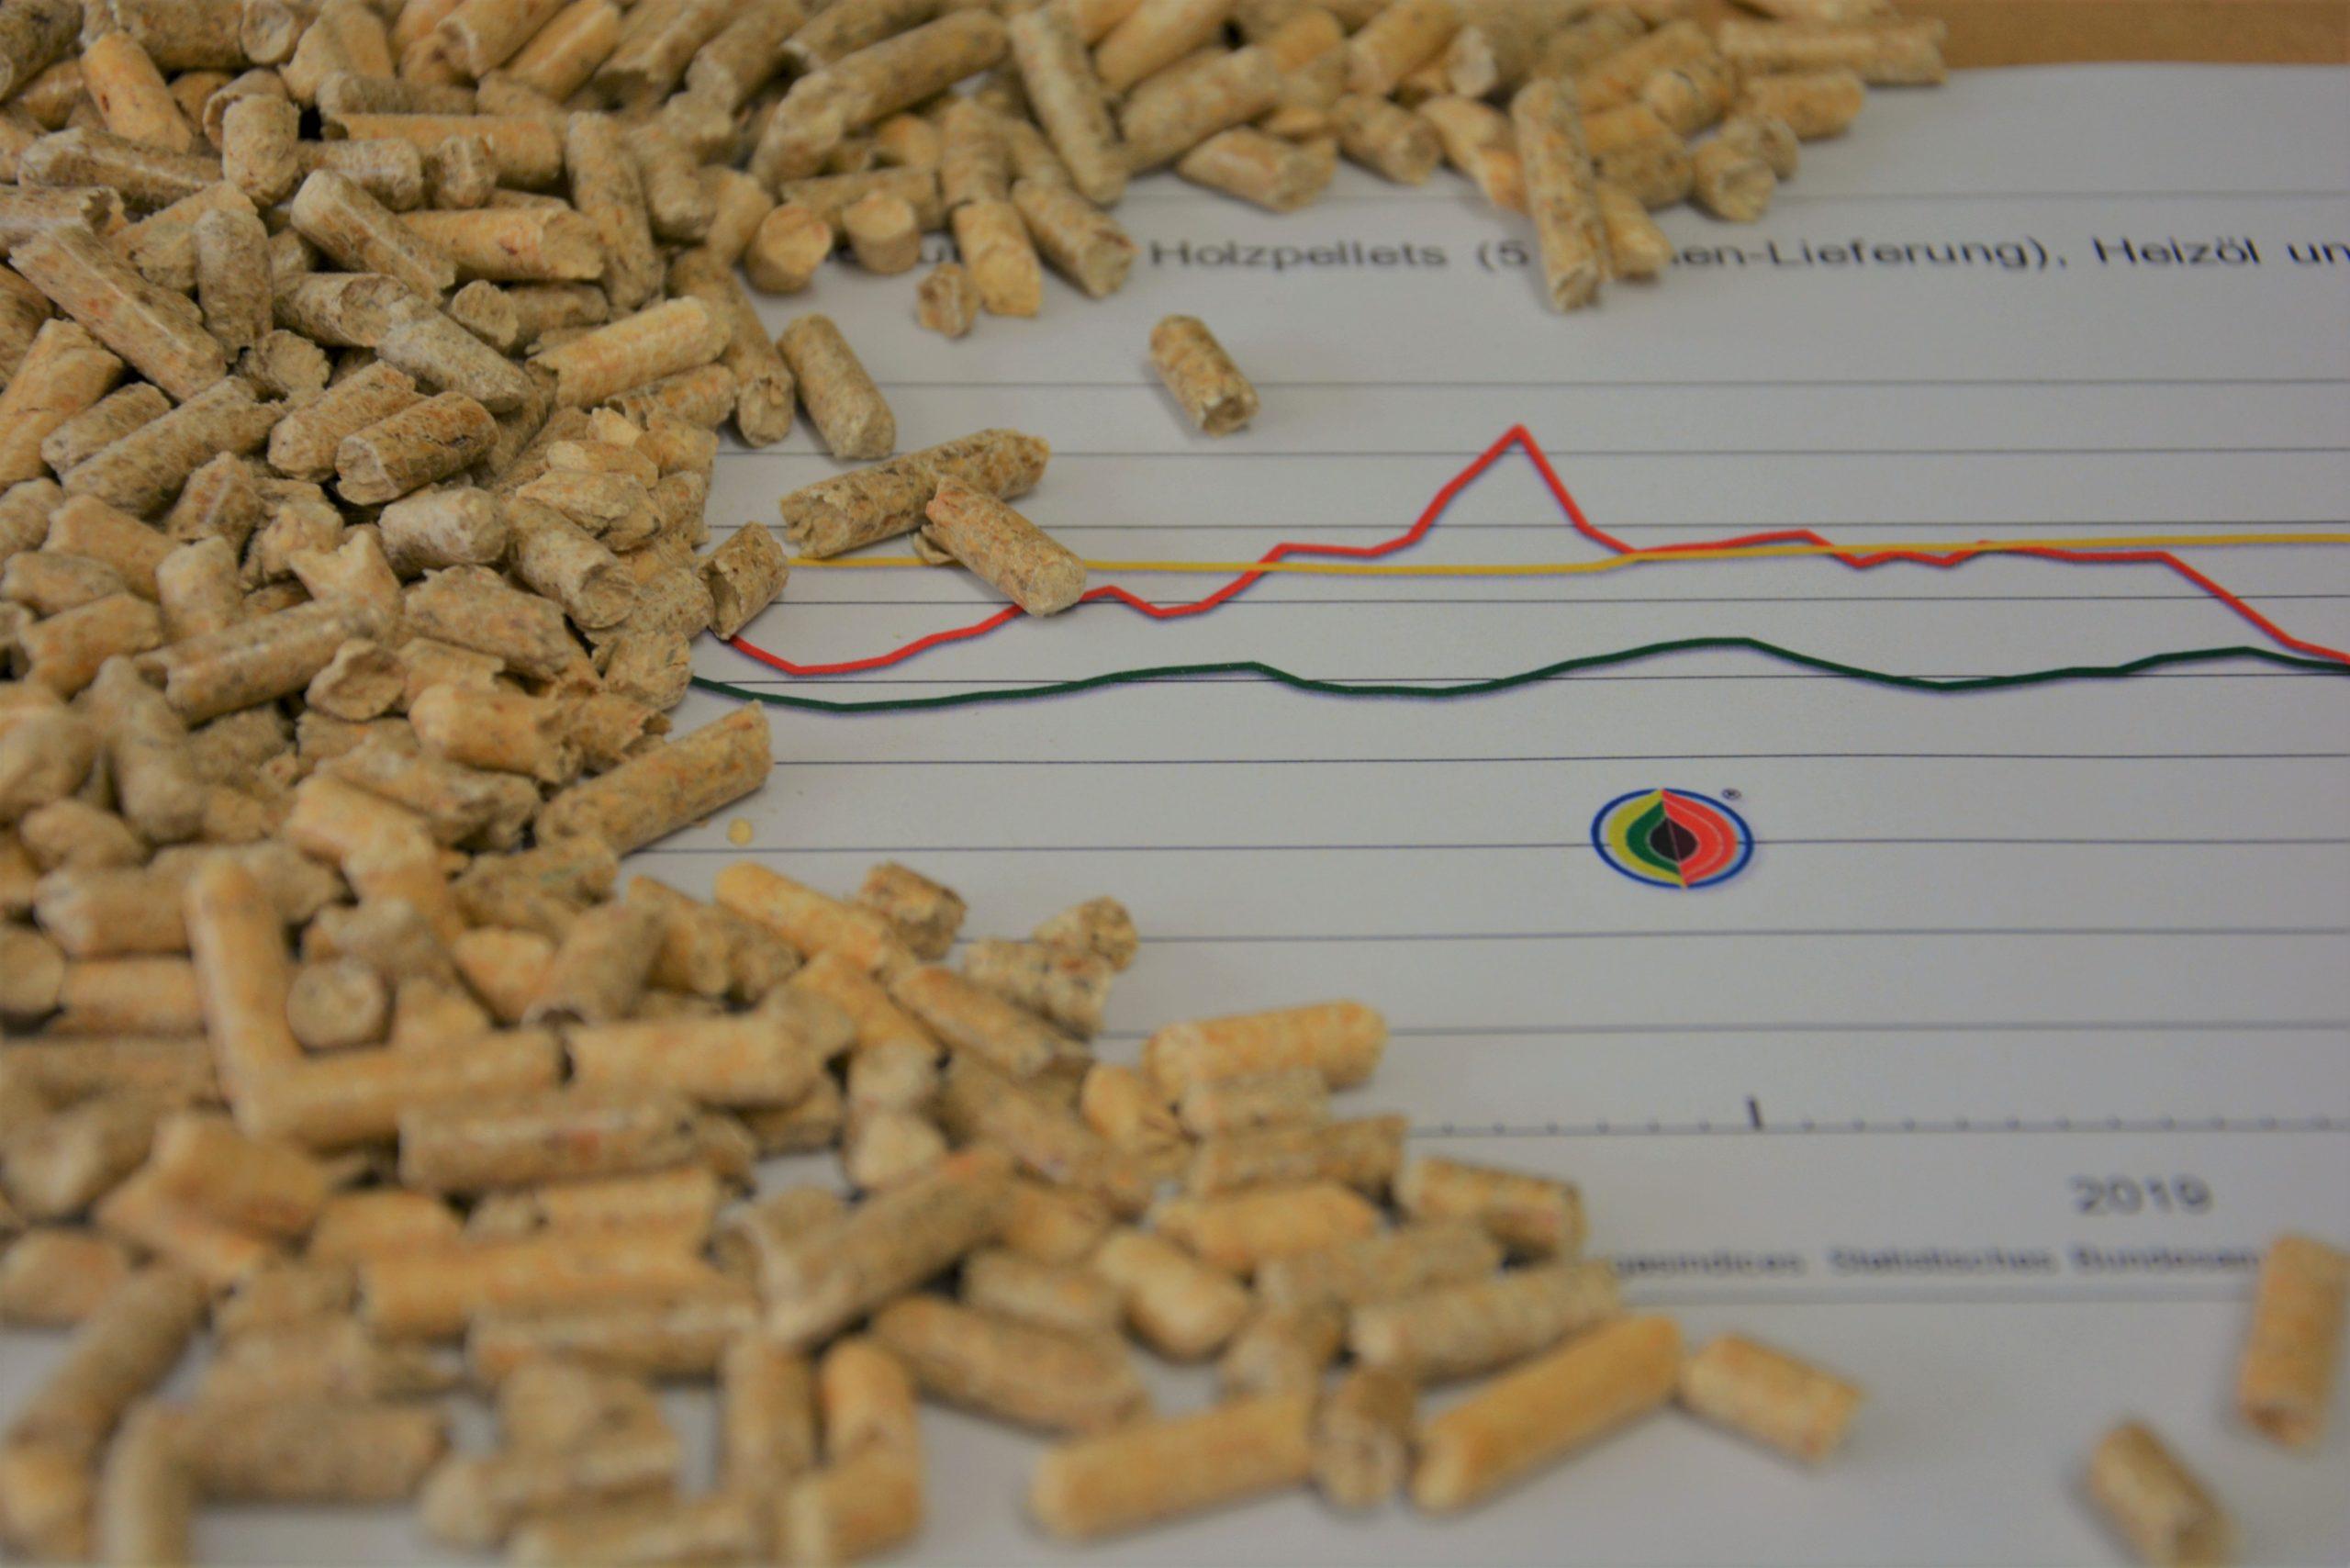 CO2-Abgabe auf fossile Brennstoffe – Holzpellets bleiben günstig